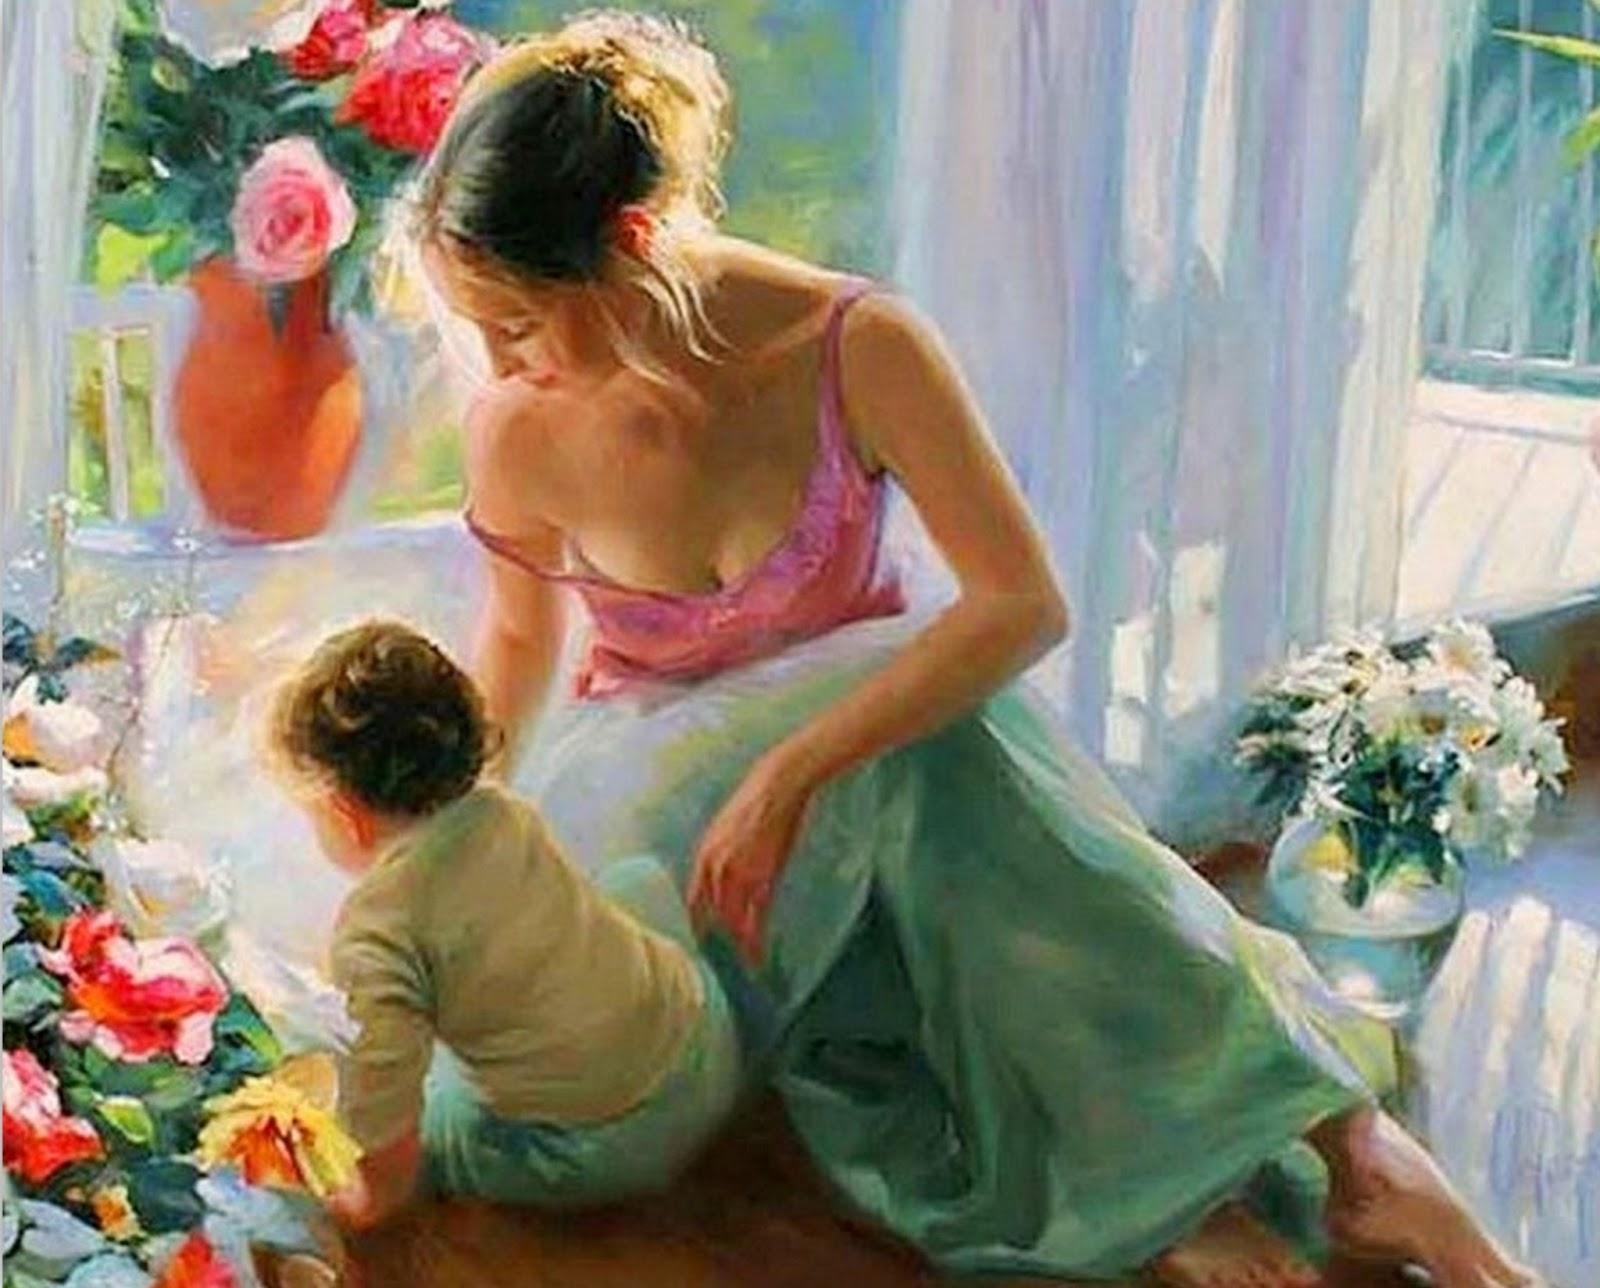 Сын и мамины подружки смотреть онлайн 23 фотография